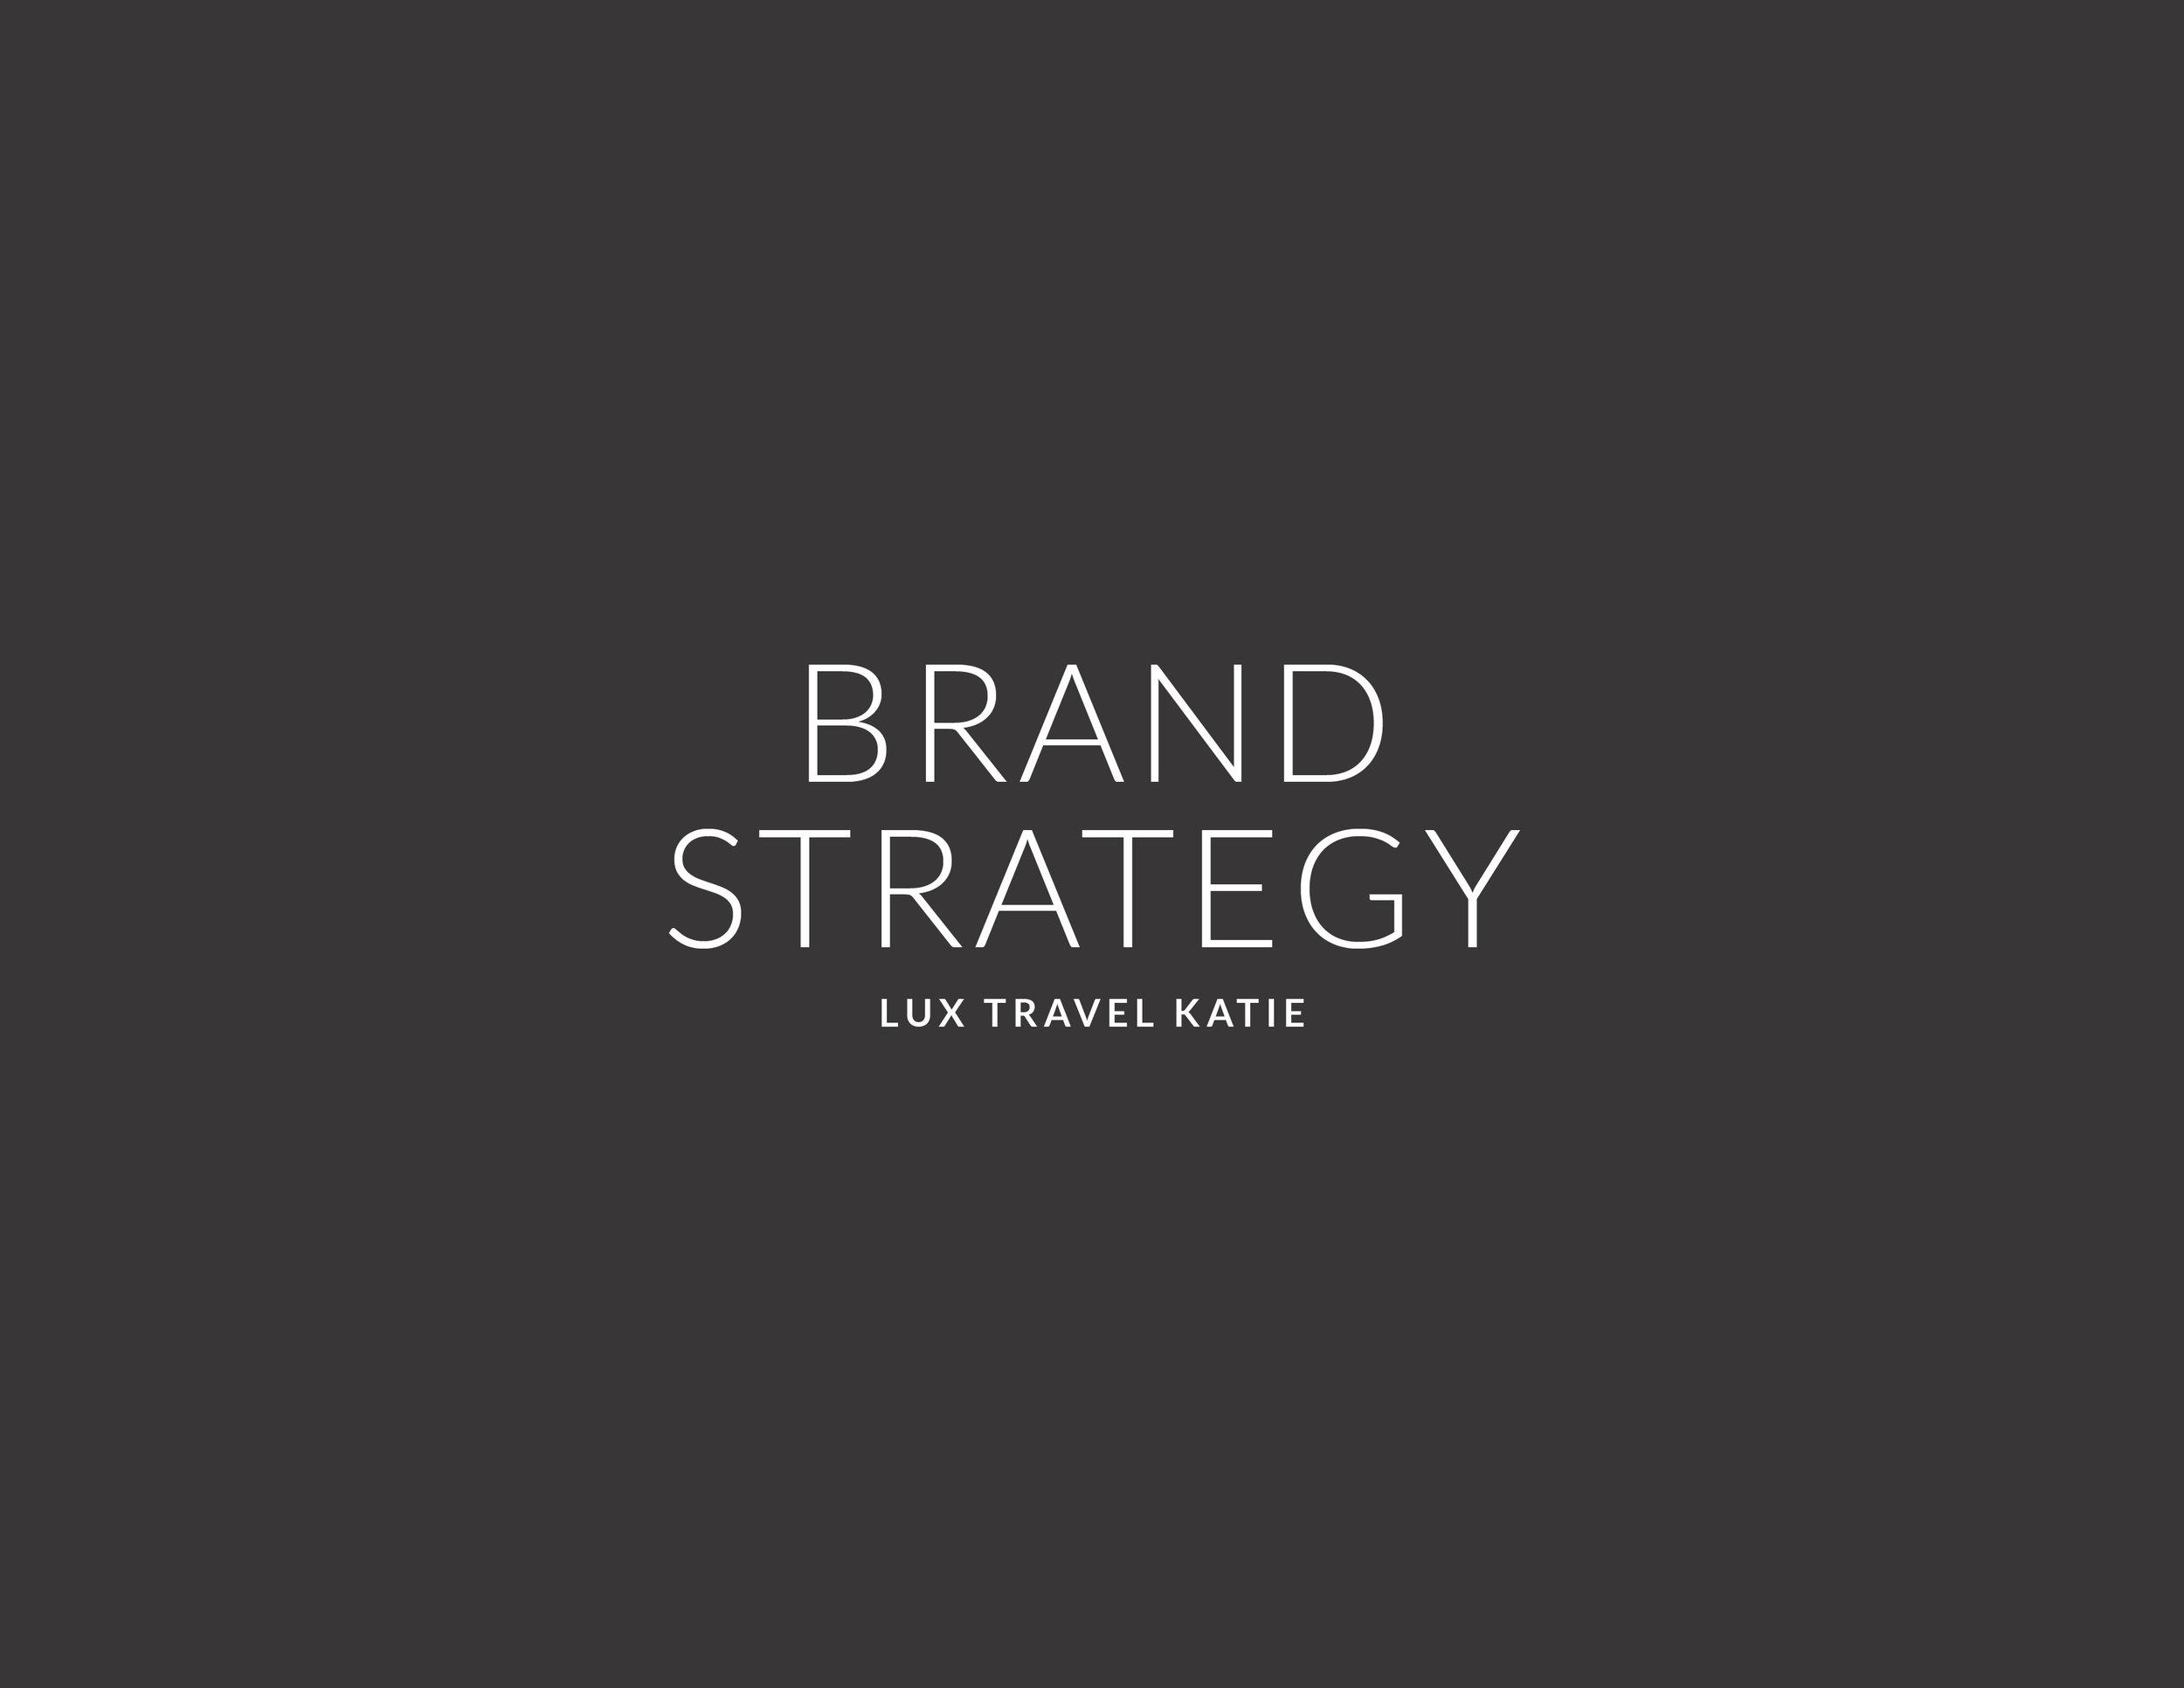 luxtravelkatie-brand-strategy-01.jpg